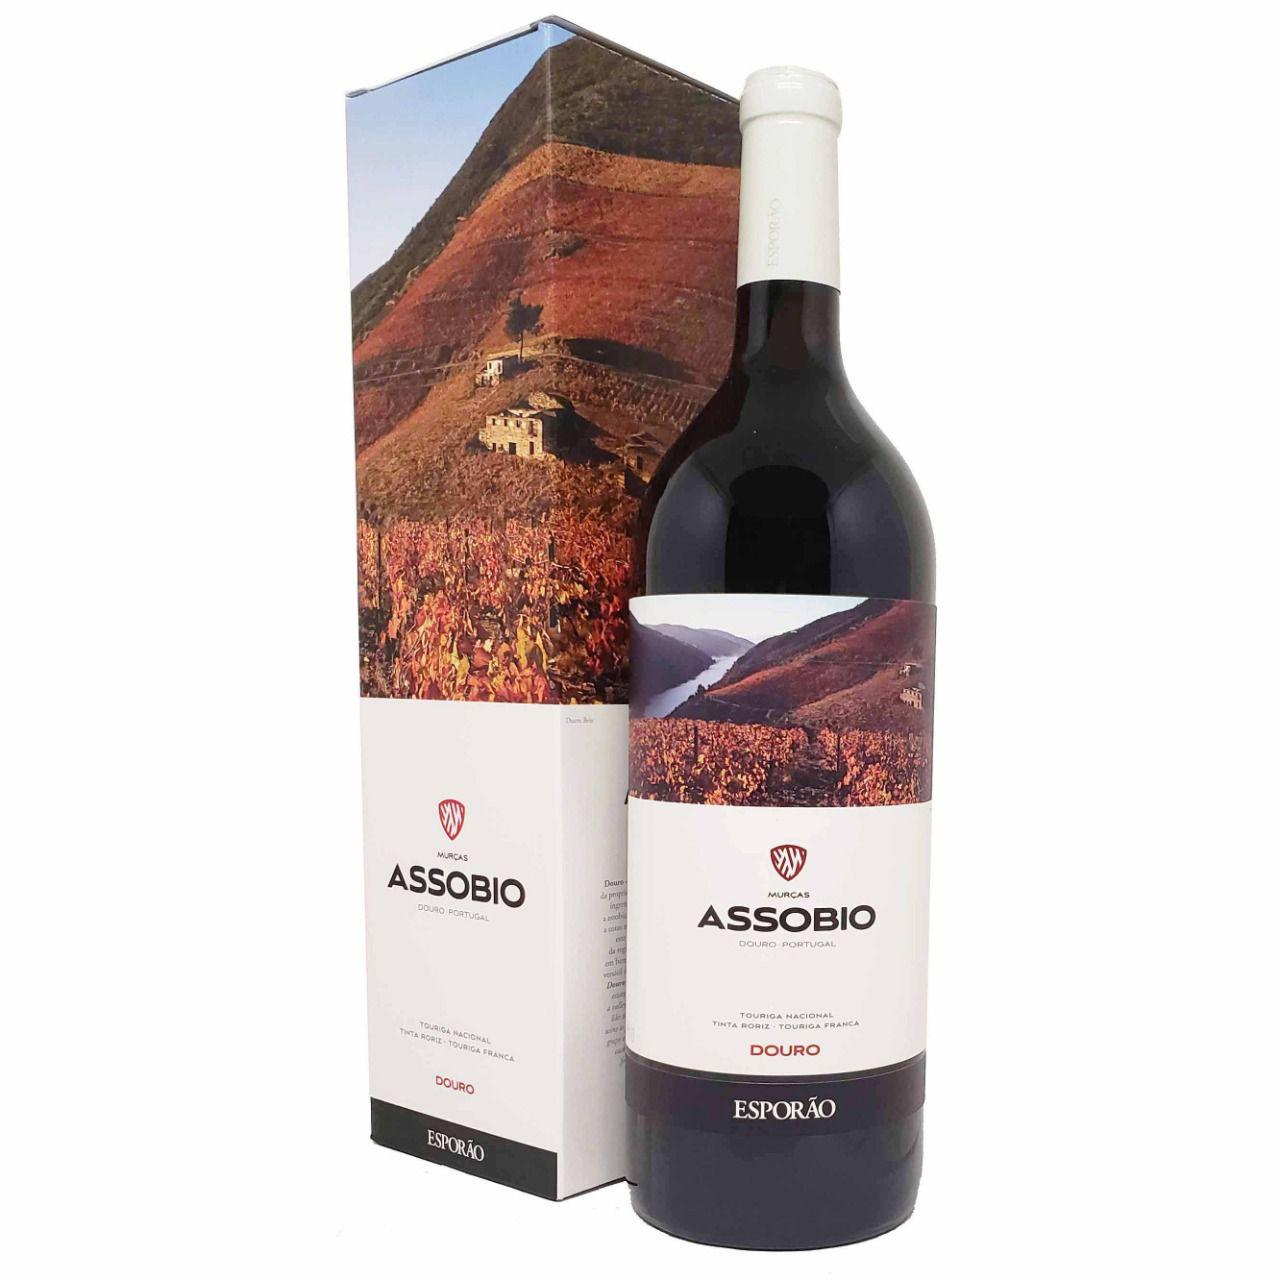 Vinho Tinto Esporão Assobio Douro - 1,5L -